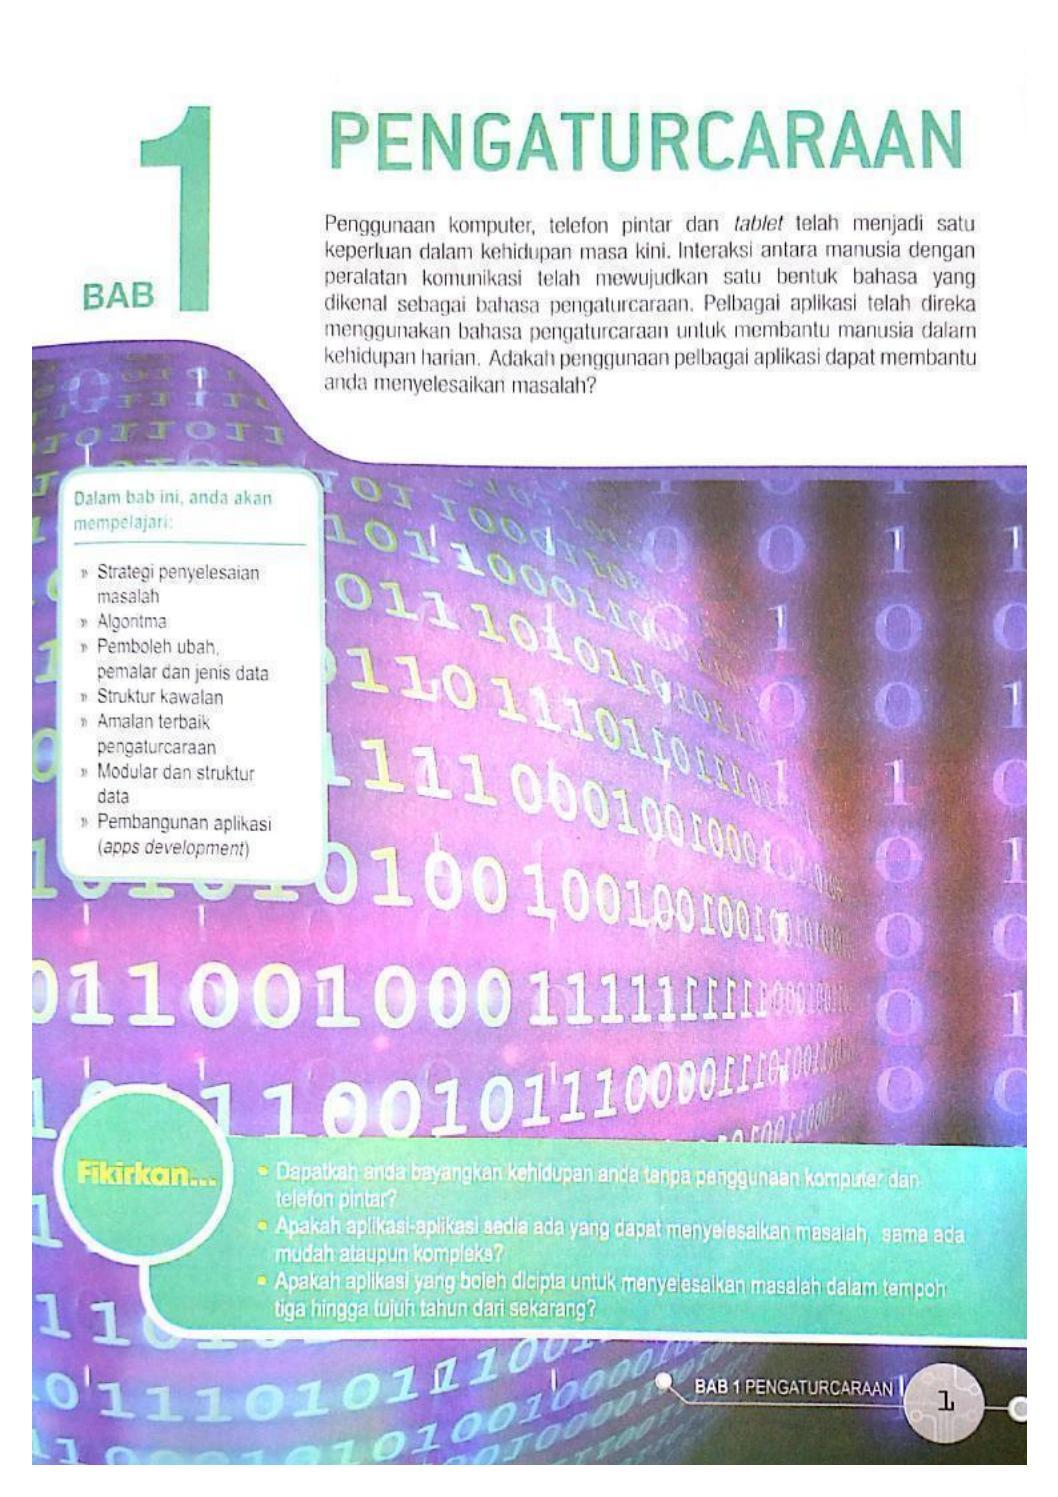 Buku Teks Sains Komputer Kssm Tingkatan 4 By Hakim Shalihim Issuu